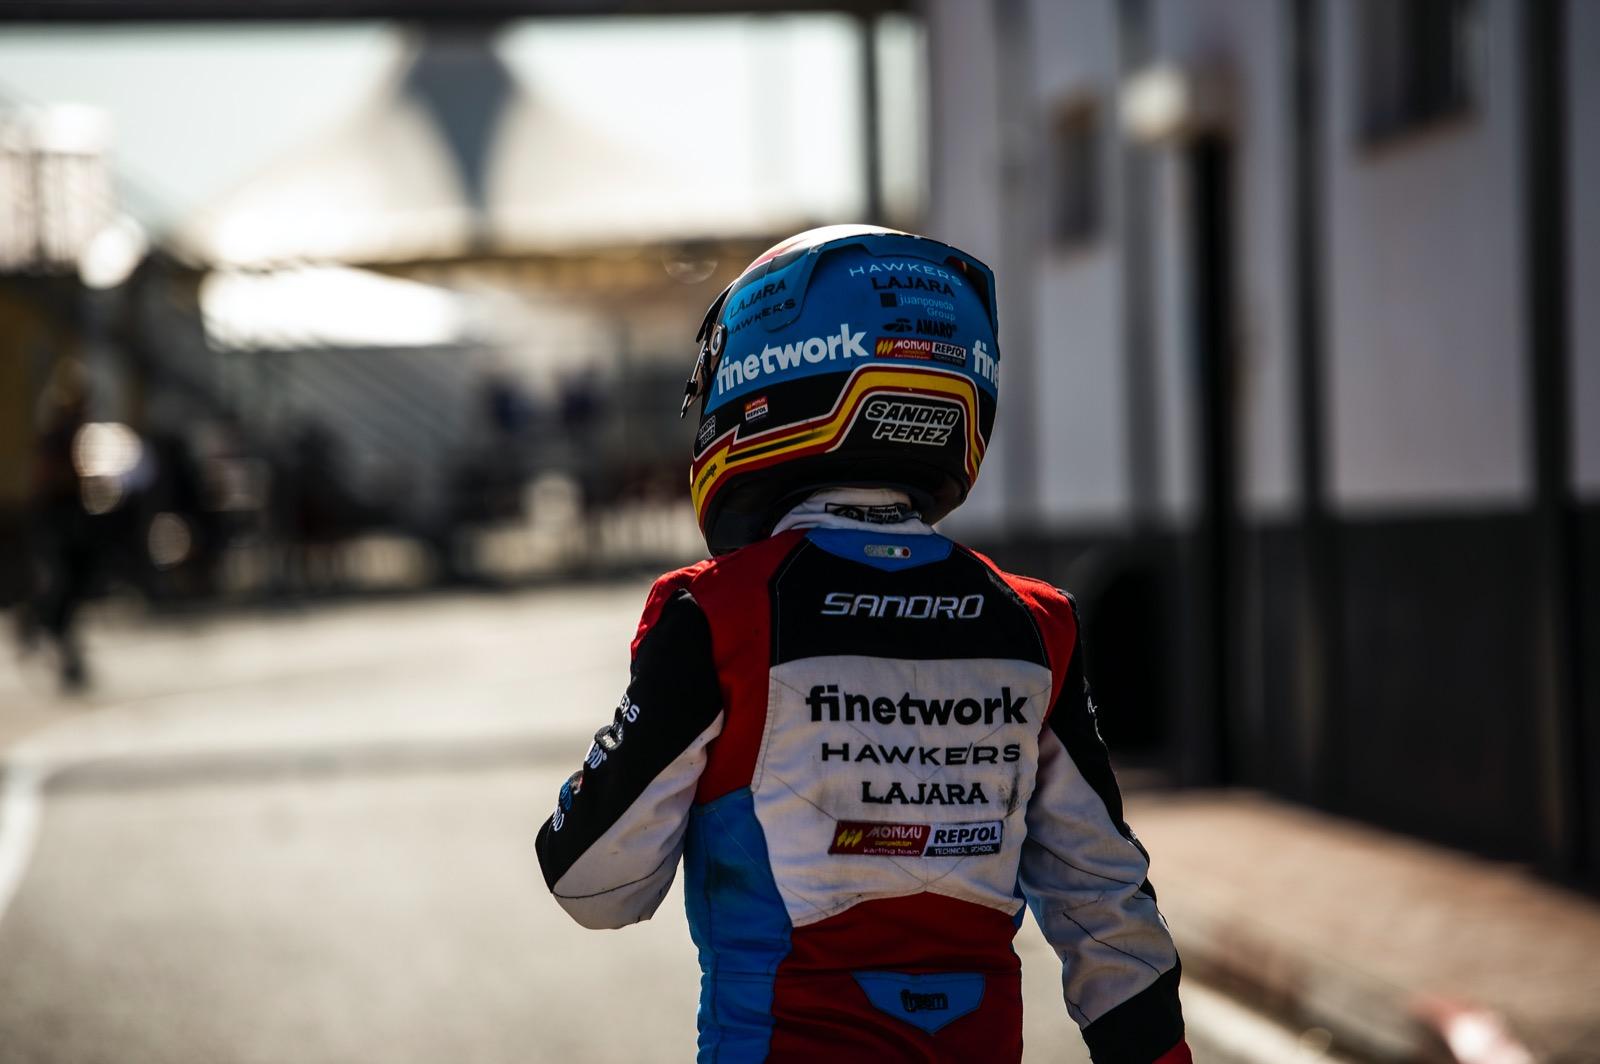 Sandro arranca con un podio la primera carrera del CEK